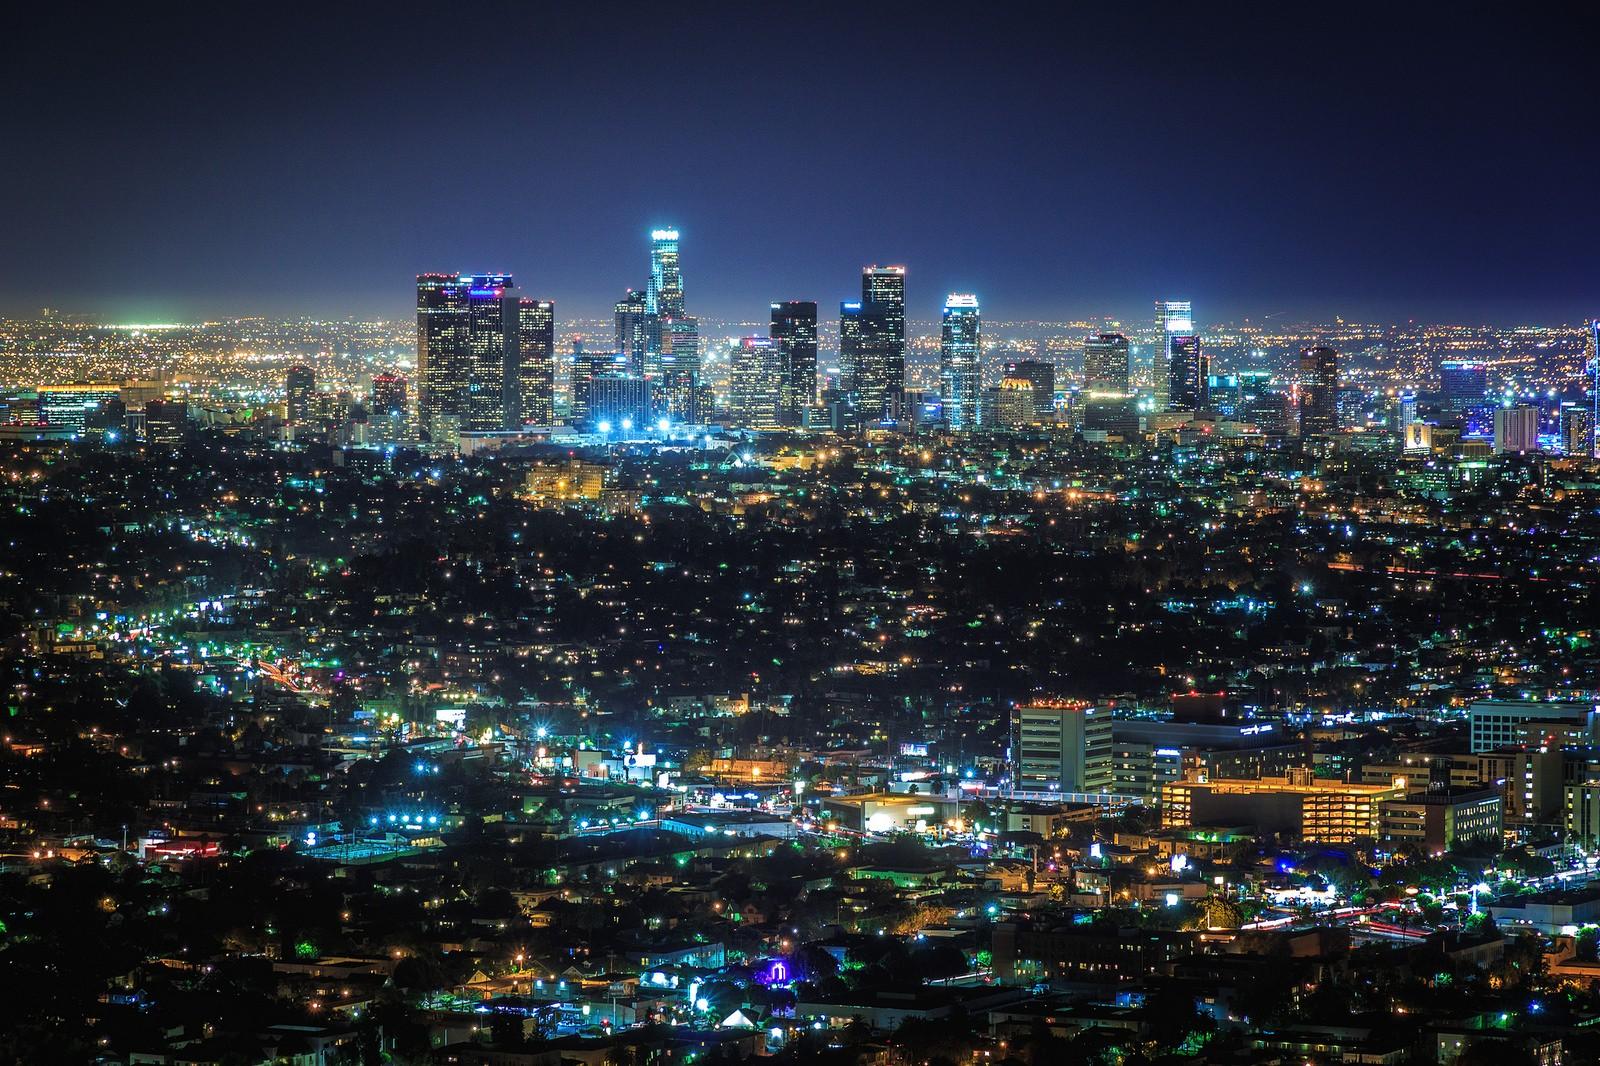 Masaüstü şehir Gece Los Angeles 1600x1066 Cmbn3 1352341